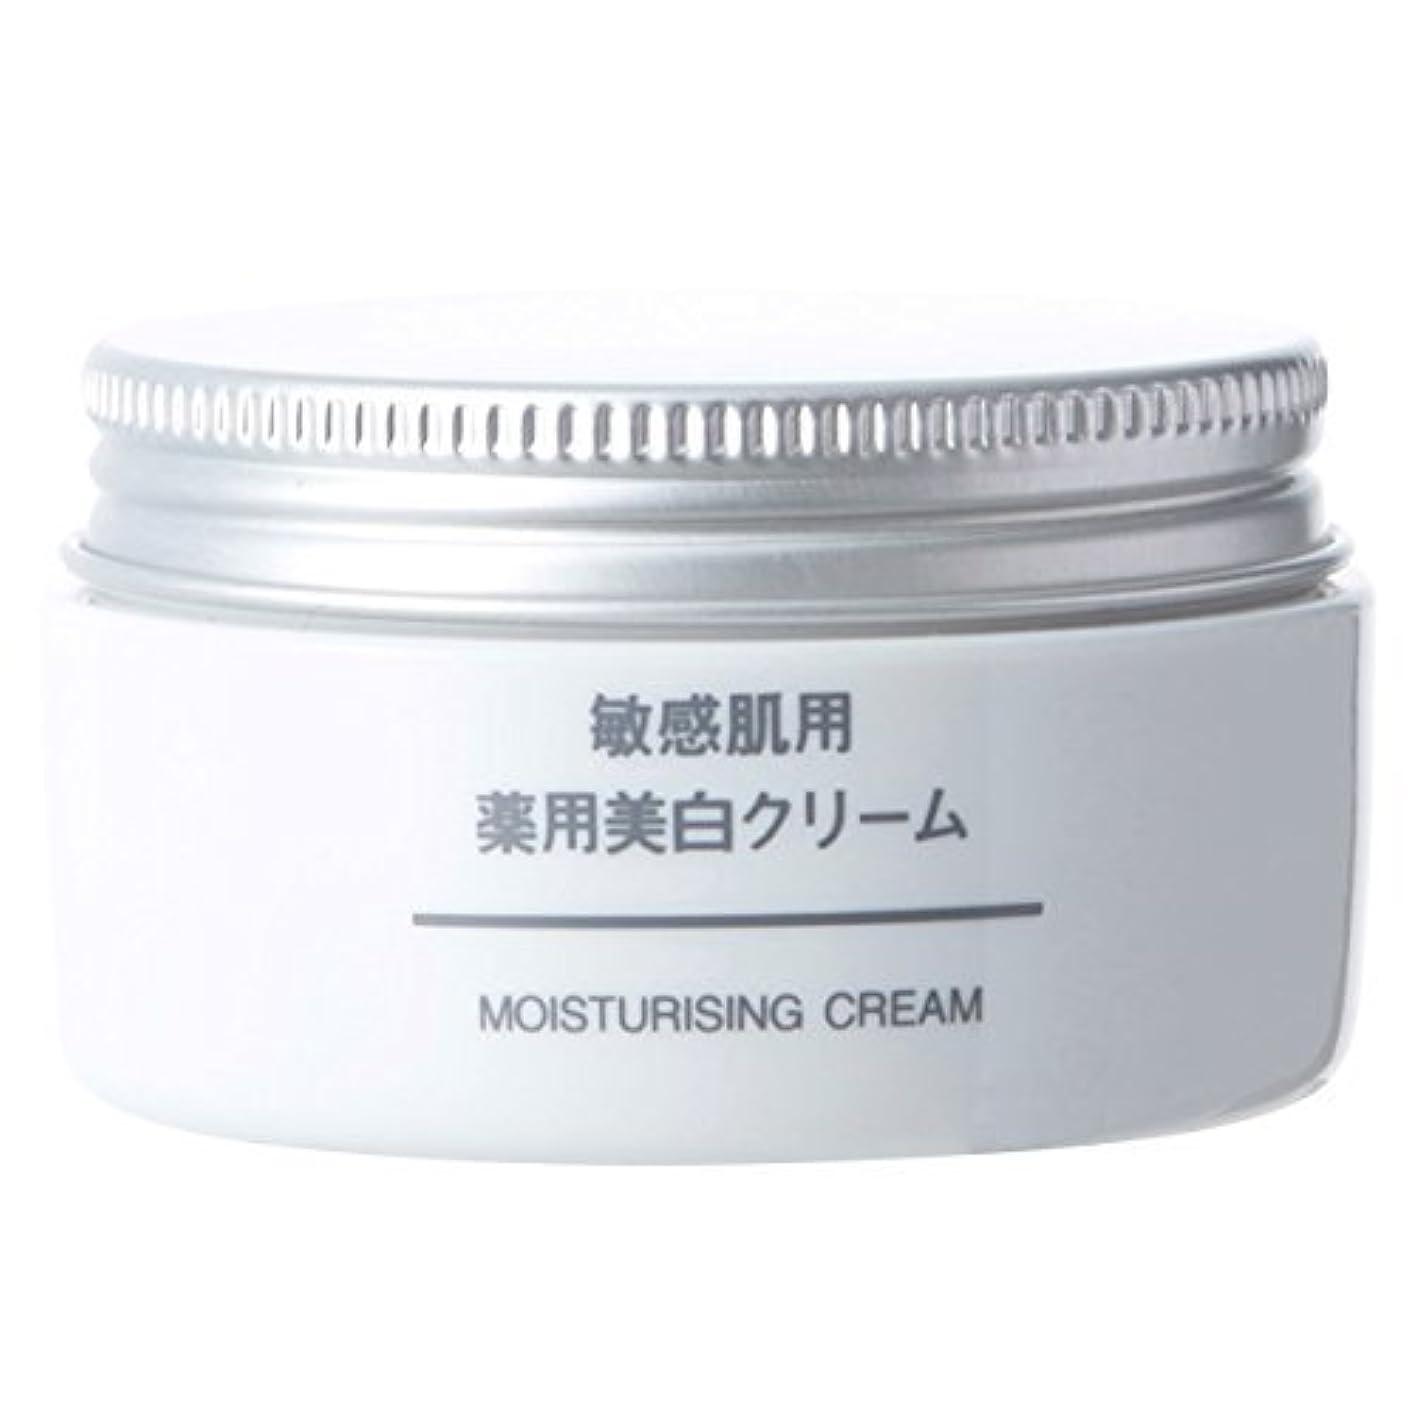 アミューズマイル合理的無印良品 敏感肌用薬用美白クリーム (新)45g